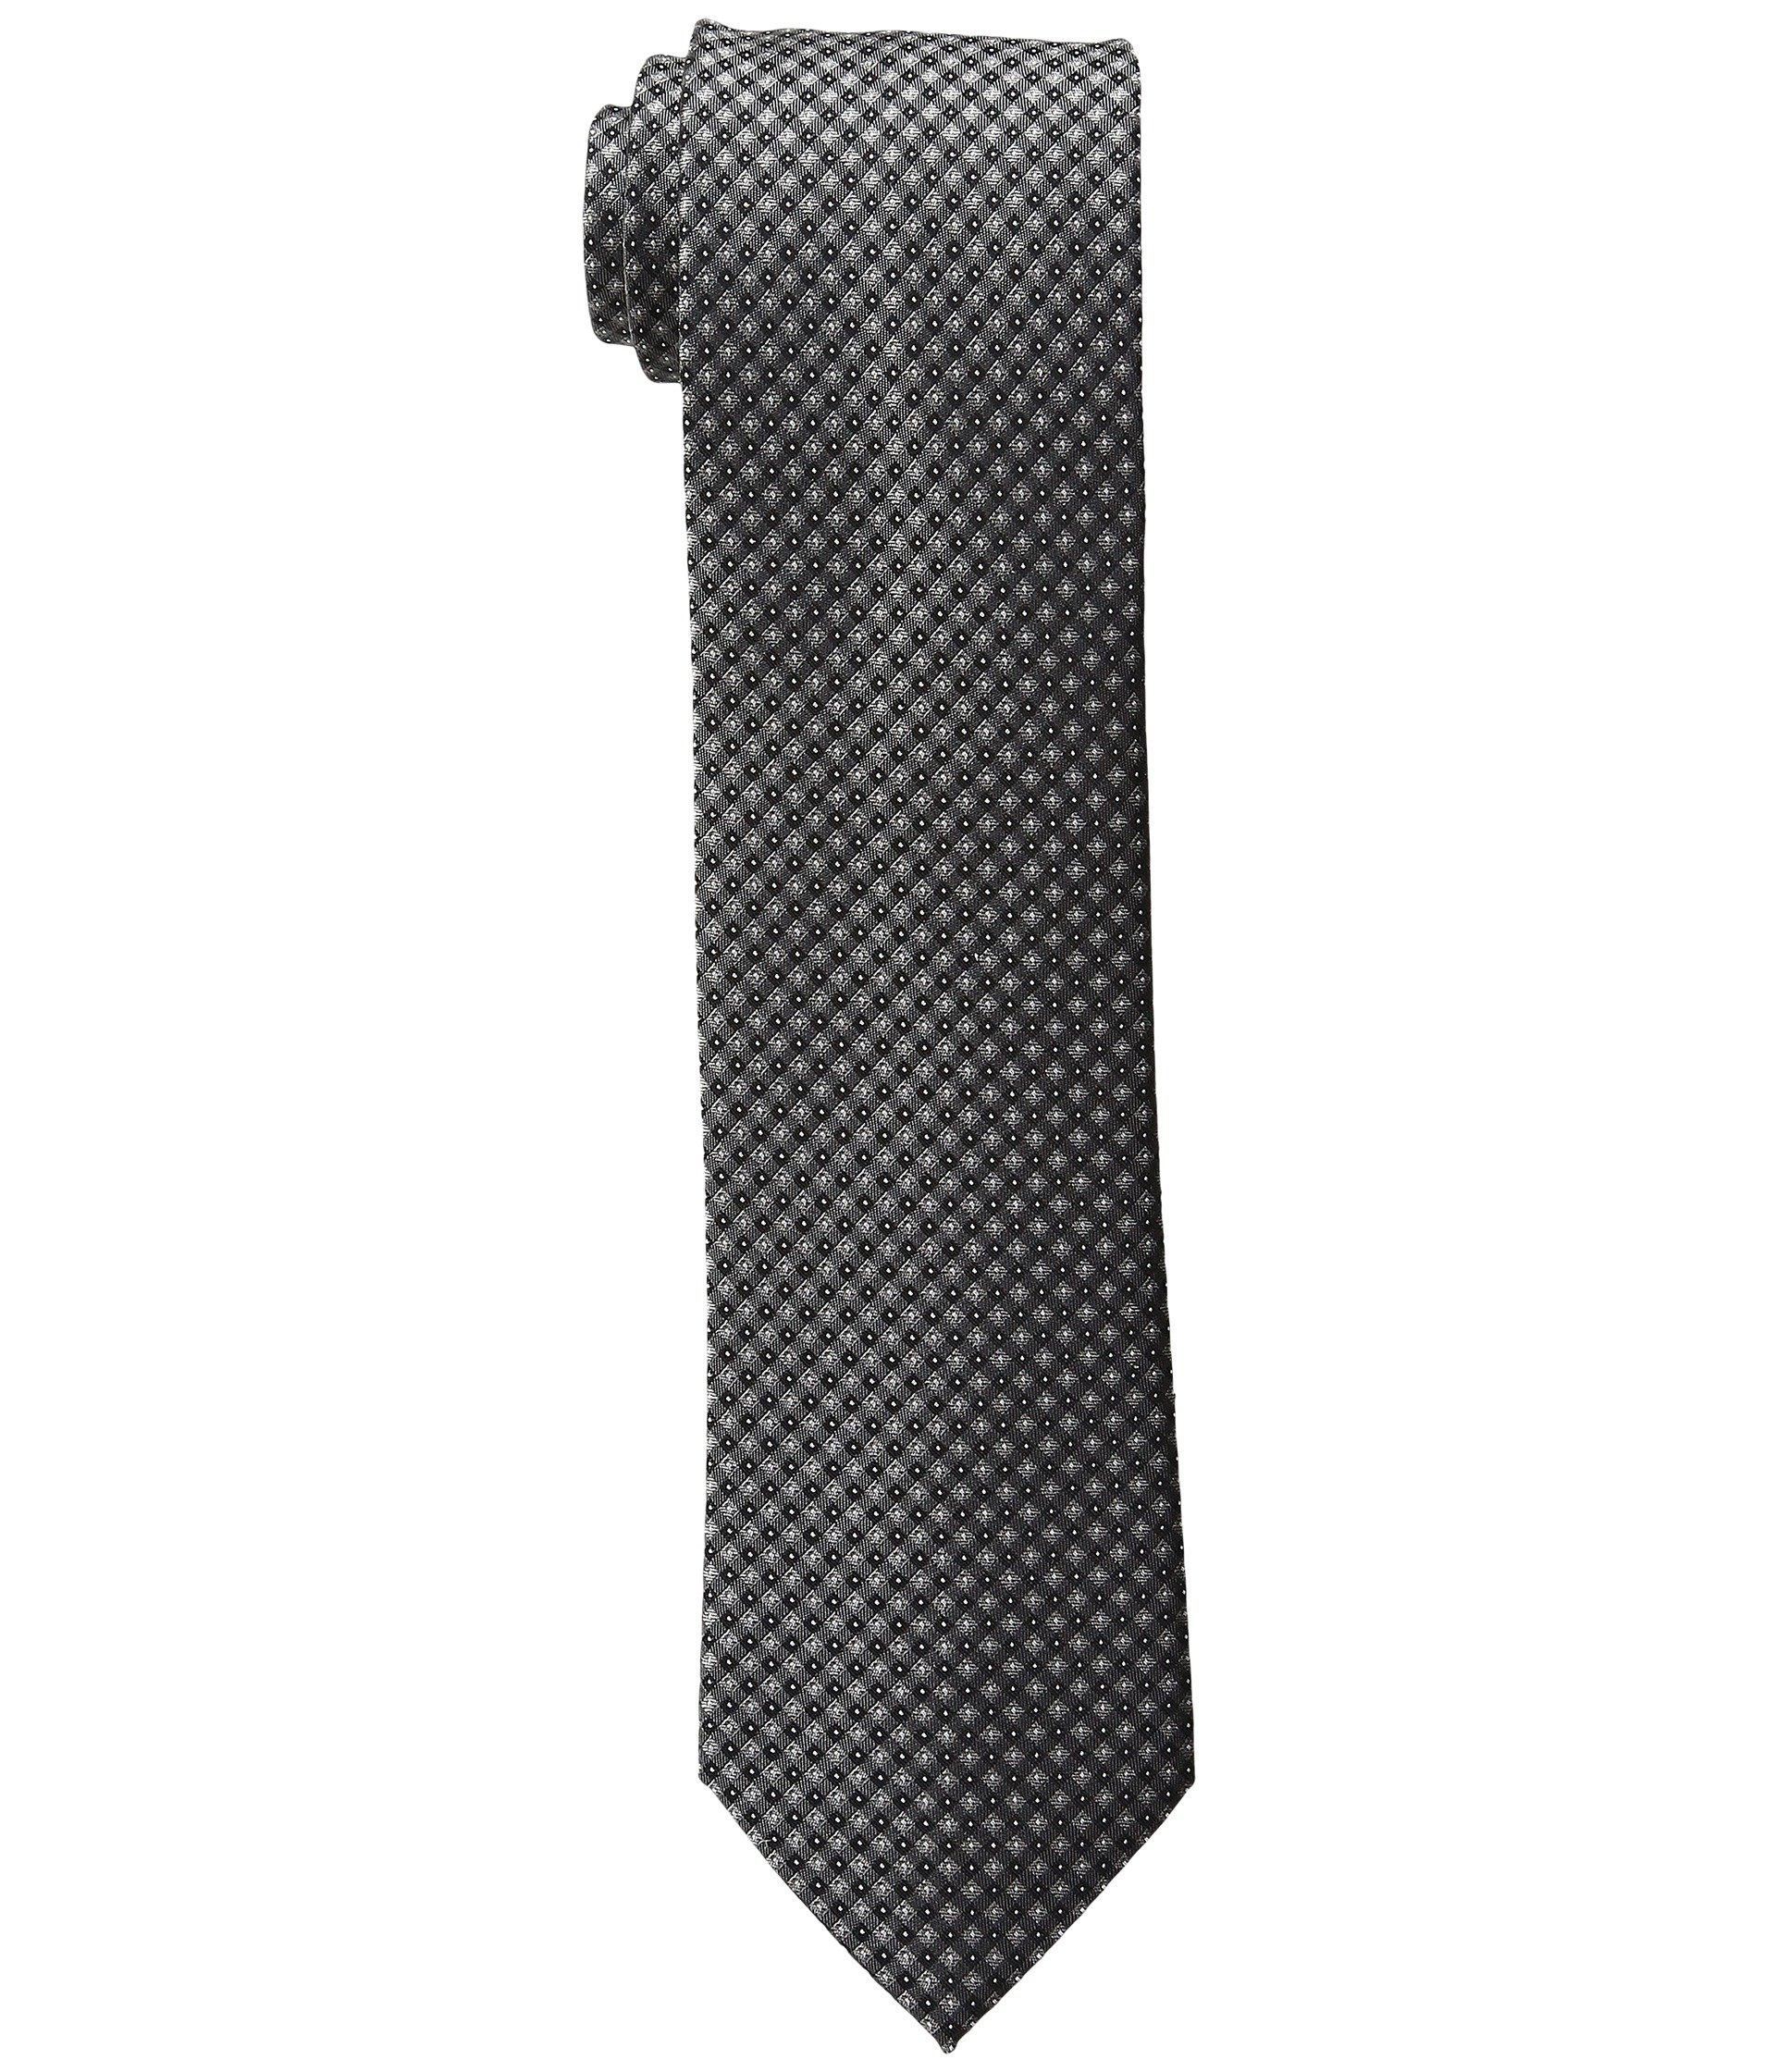 Corbata para Hombre Kenneth Cole Reaction Micro Grid  + Kenneth Cole Reaction en VeoyCompro.net